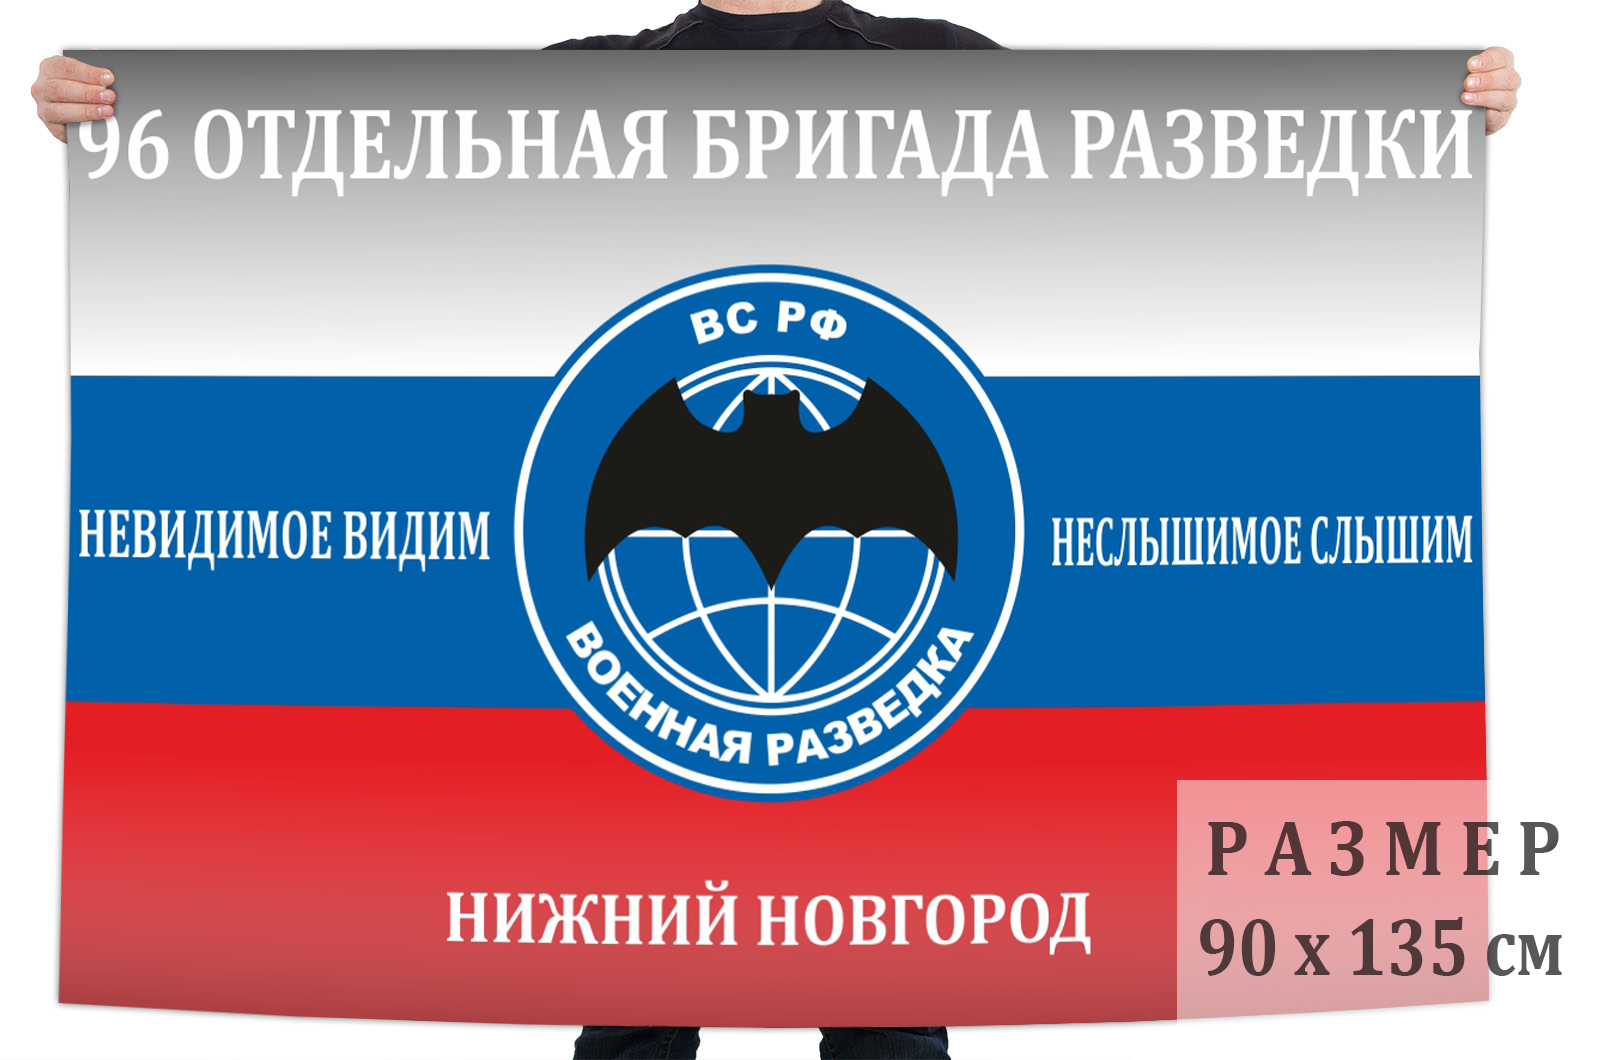 Флаг 96 отдельной бригады разведки